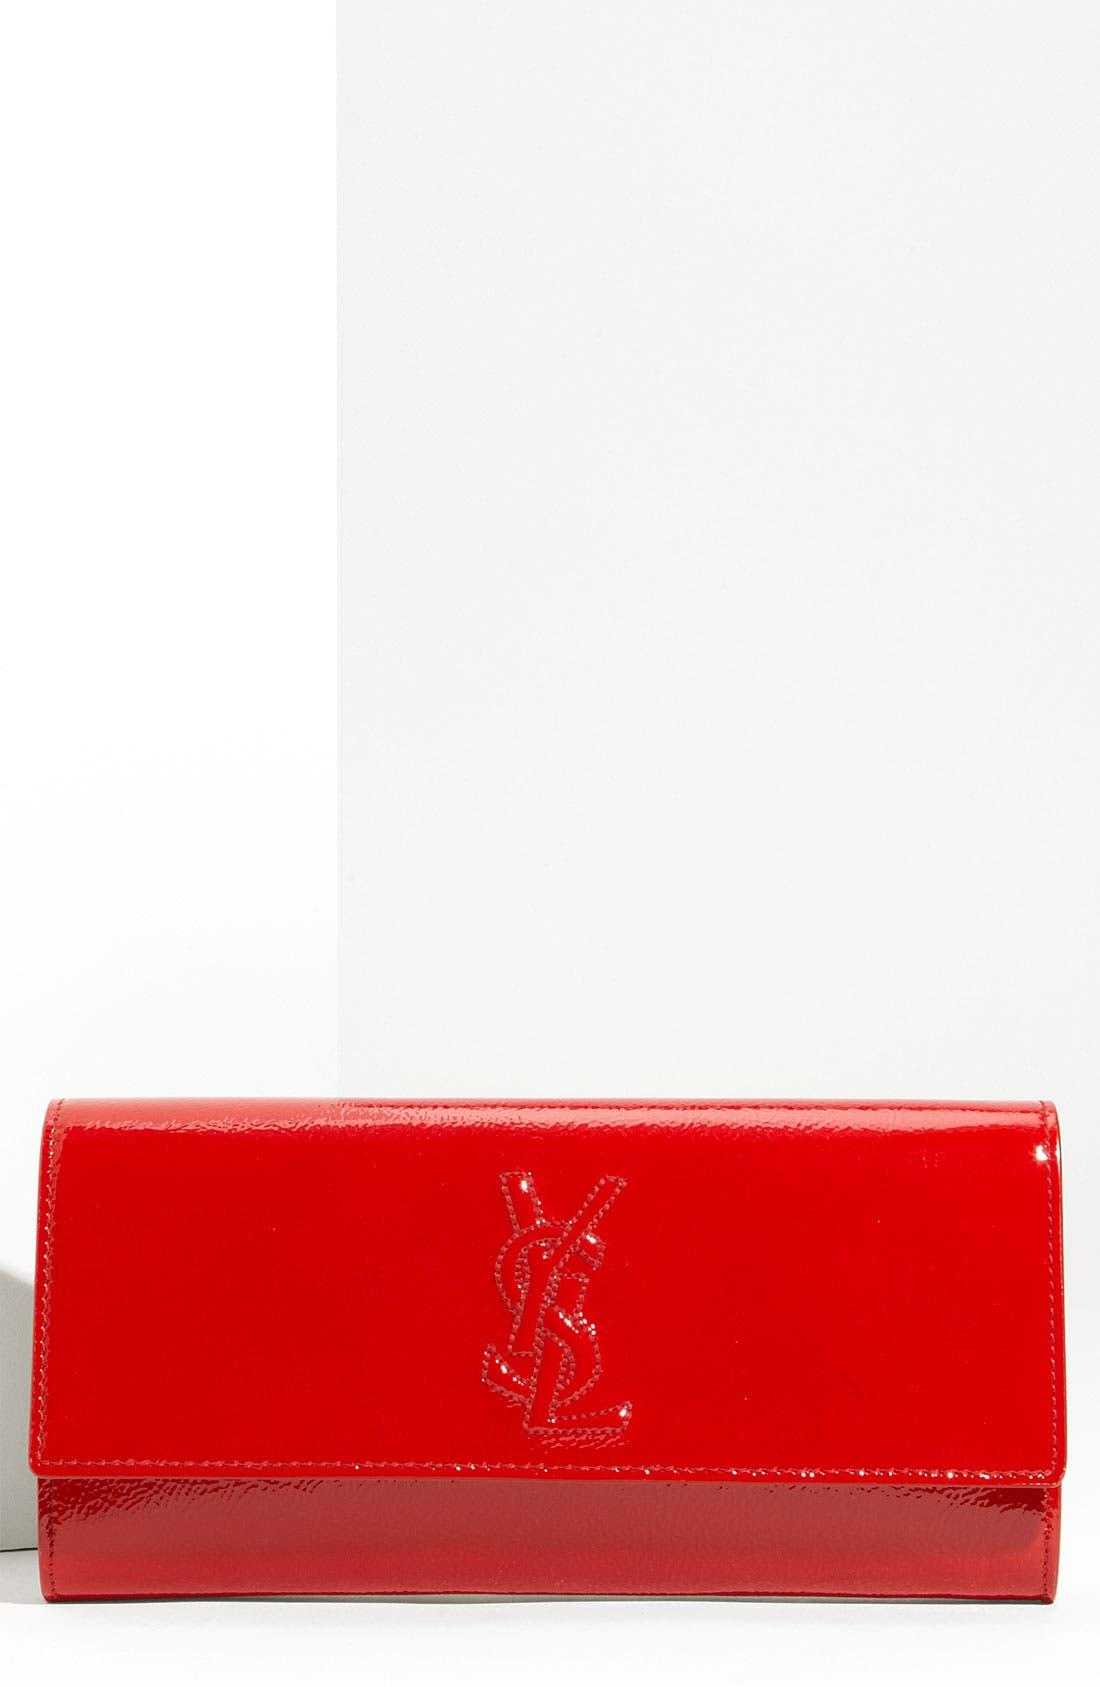 Main Image - Yves Saint Laurent 'Belle de Jour - Small' Clutch